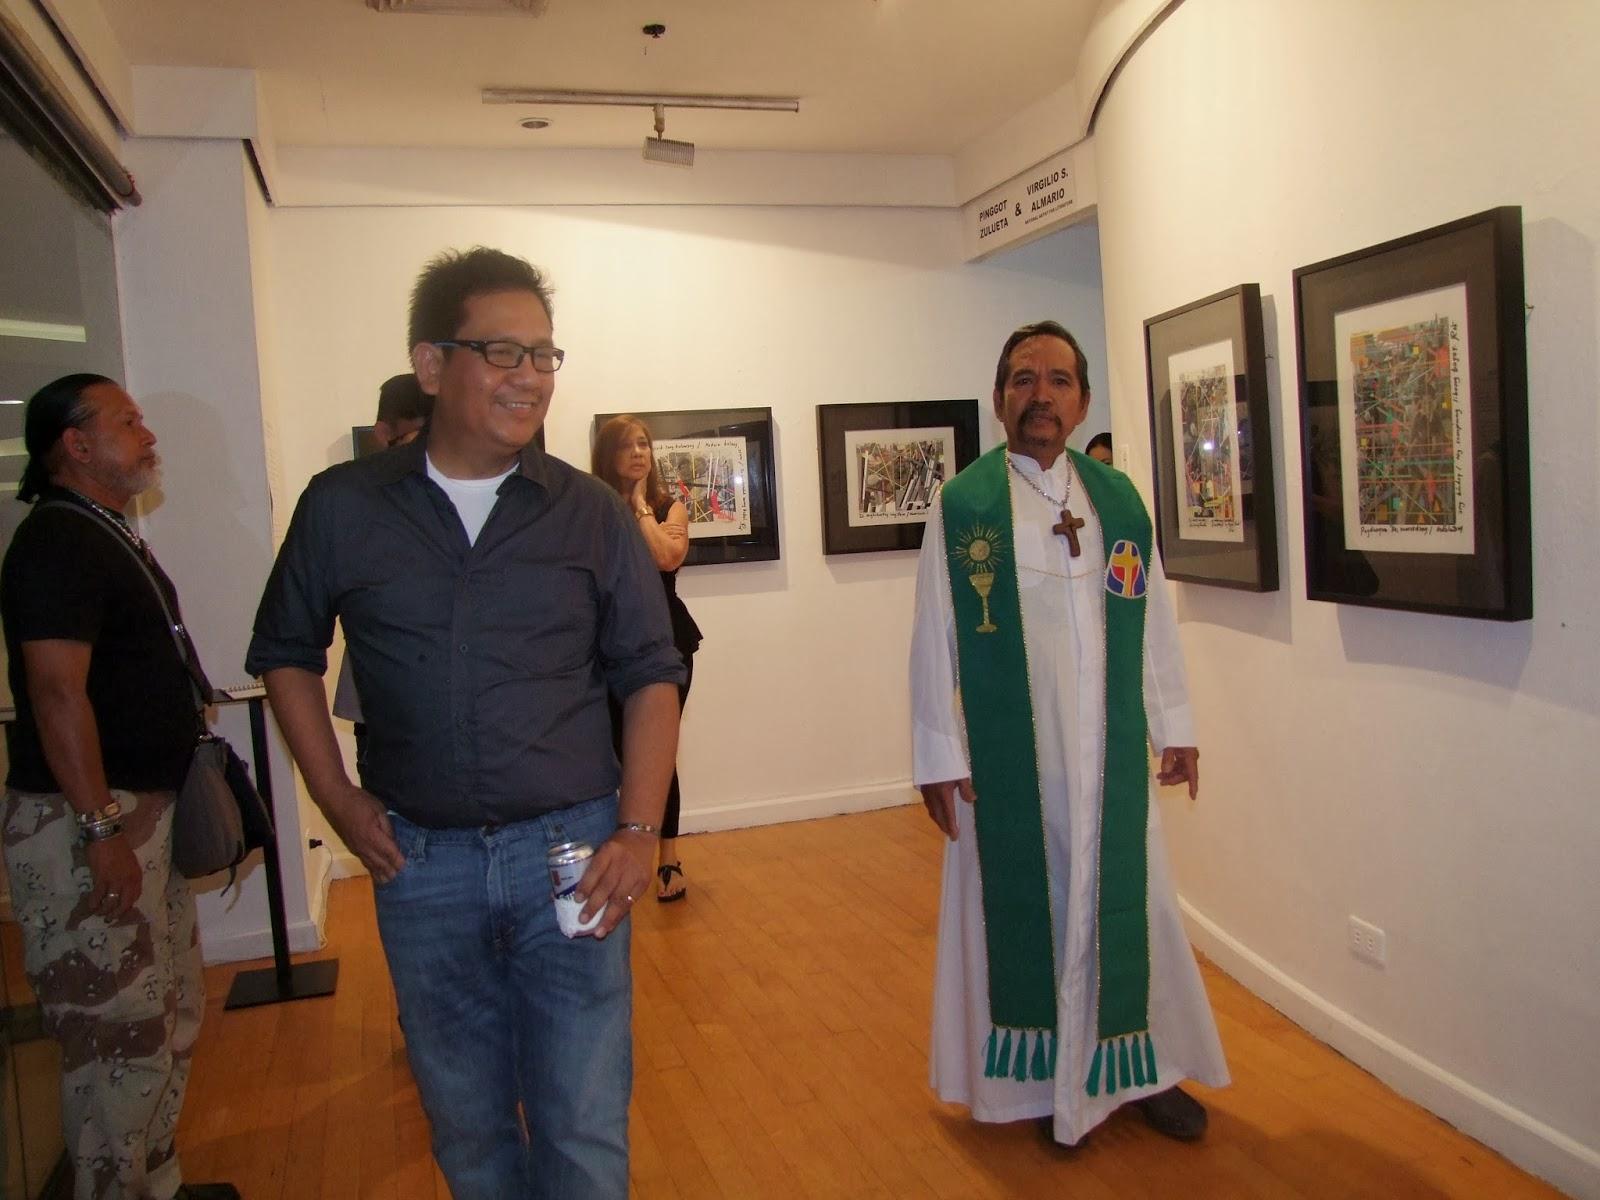 Rosemary Ames Adult images Paz de la Huerta,Brec Bassinger